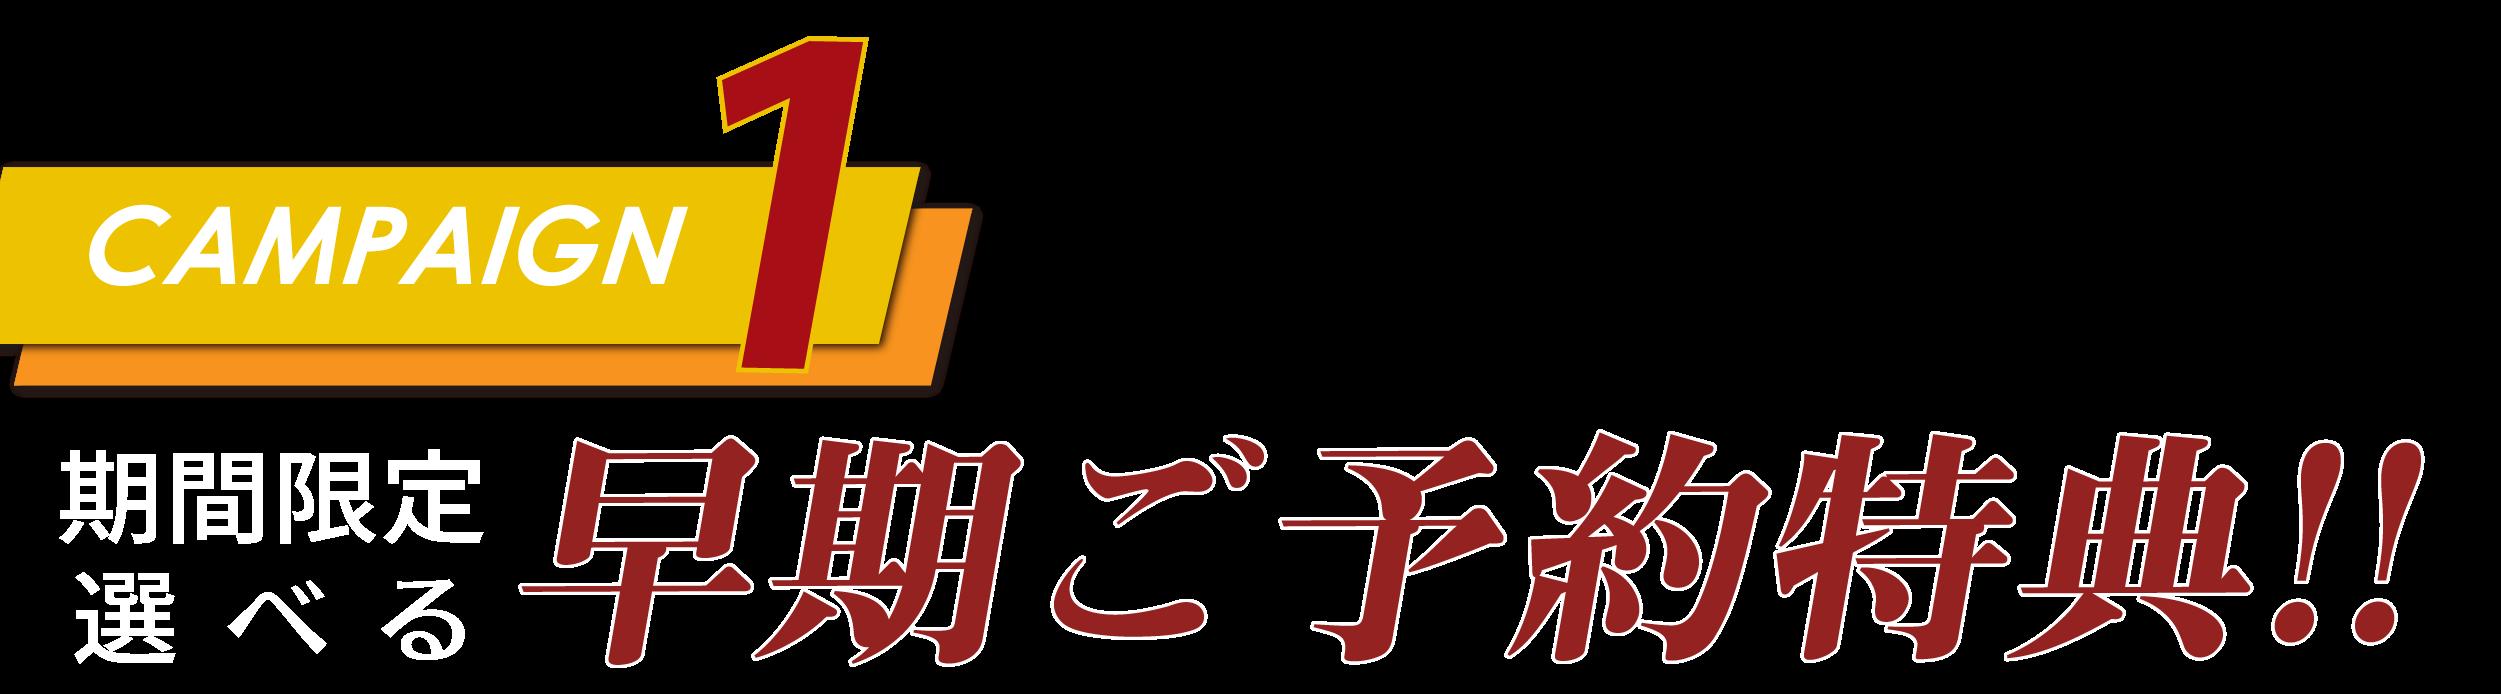 男性袴キャンペーン情報12月末まで_ご成約キャンペーン